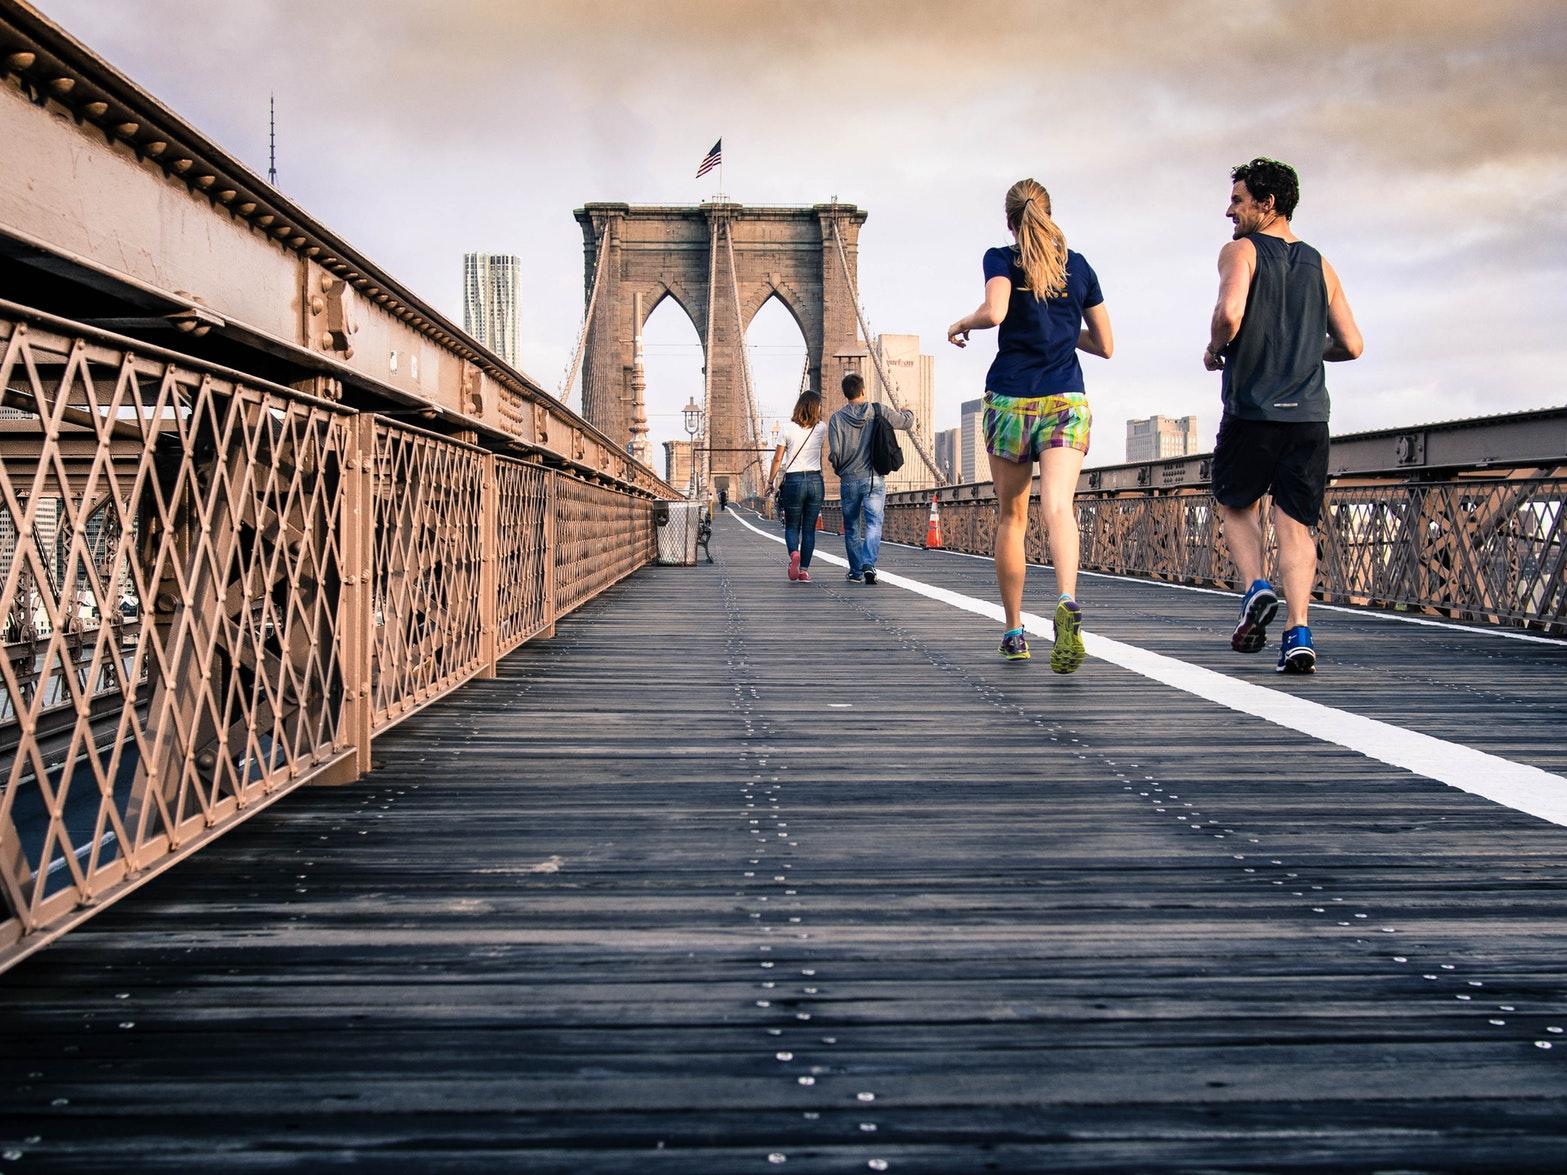 Ein Bild von zwei Joggerin in New York auf einer Brücke